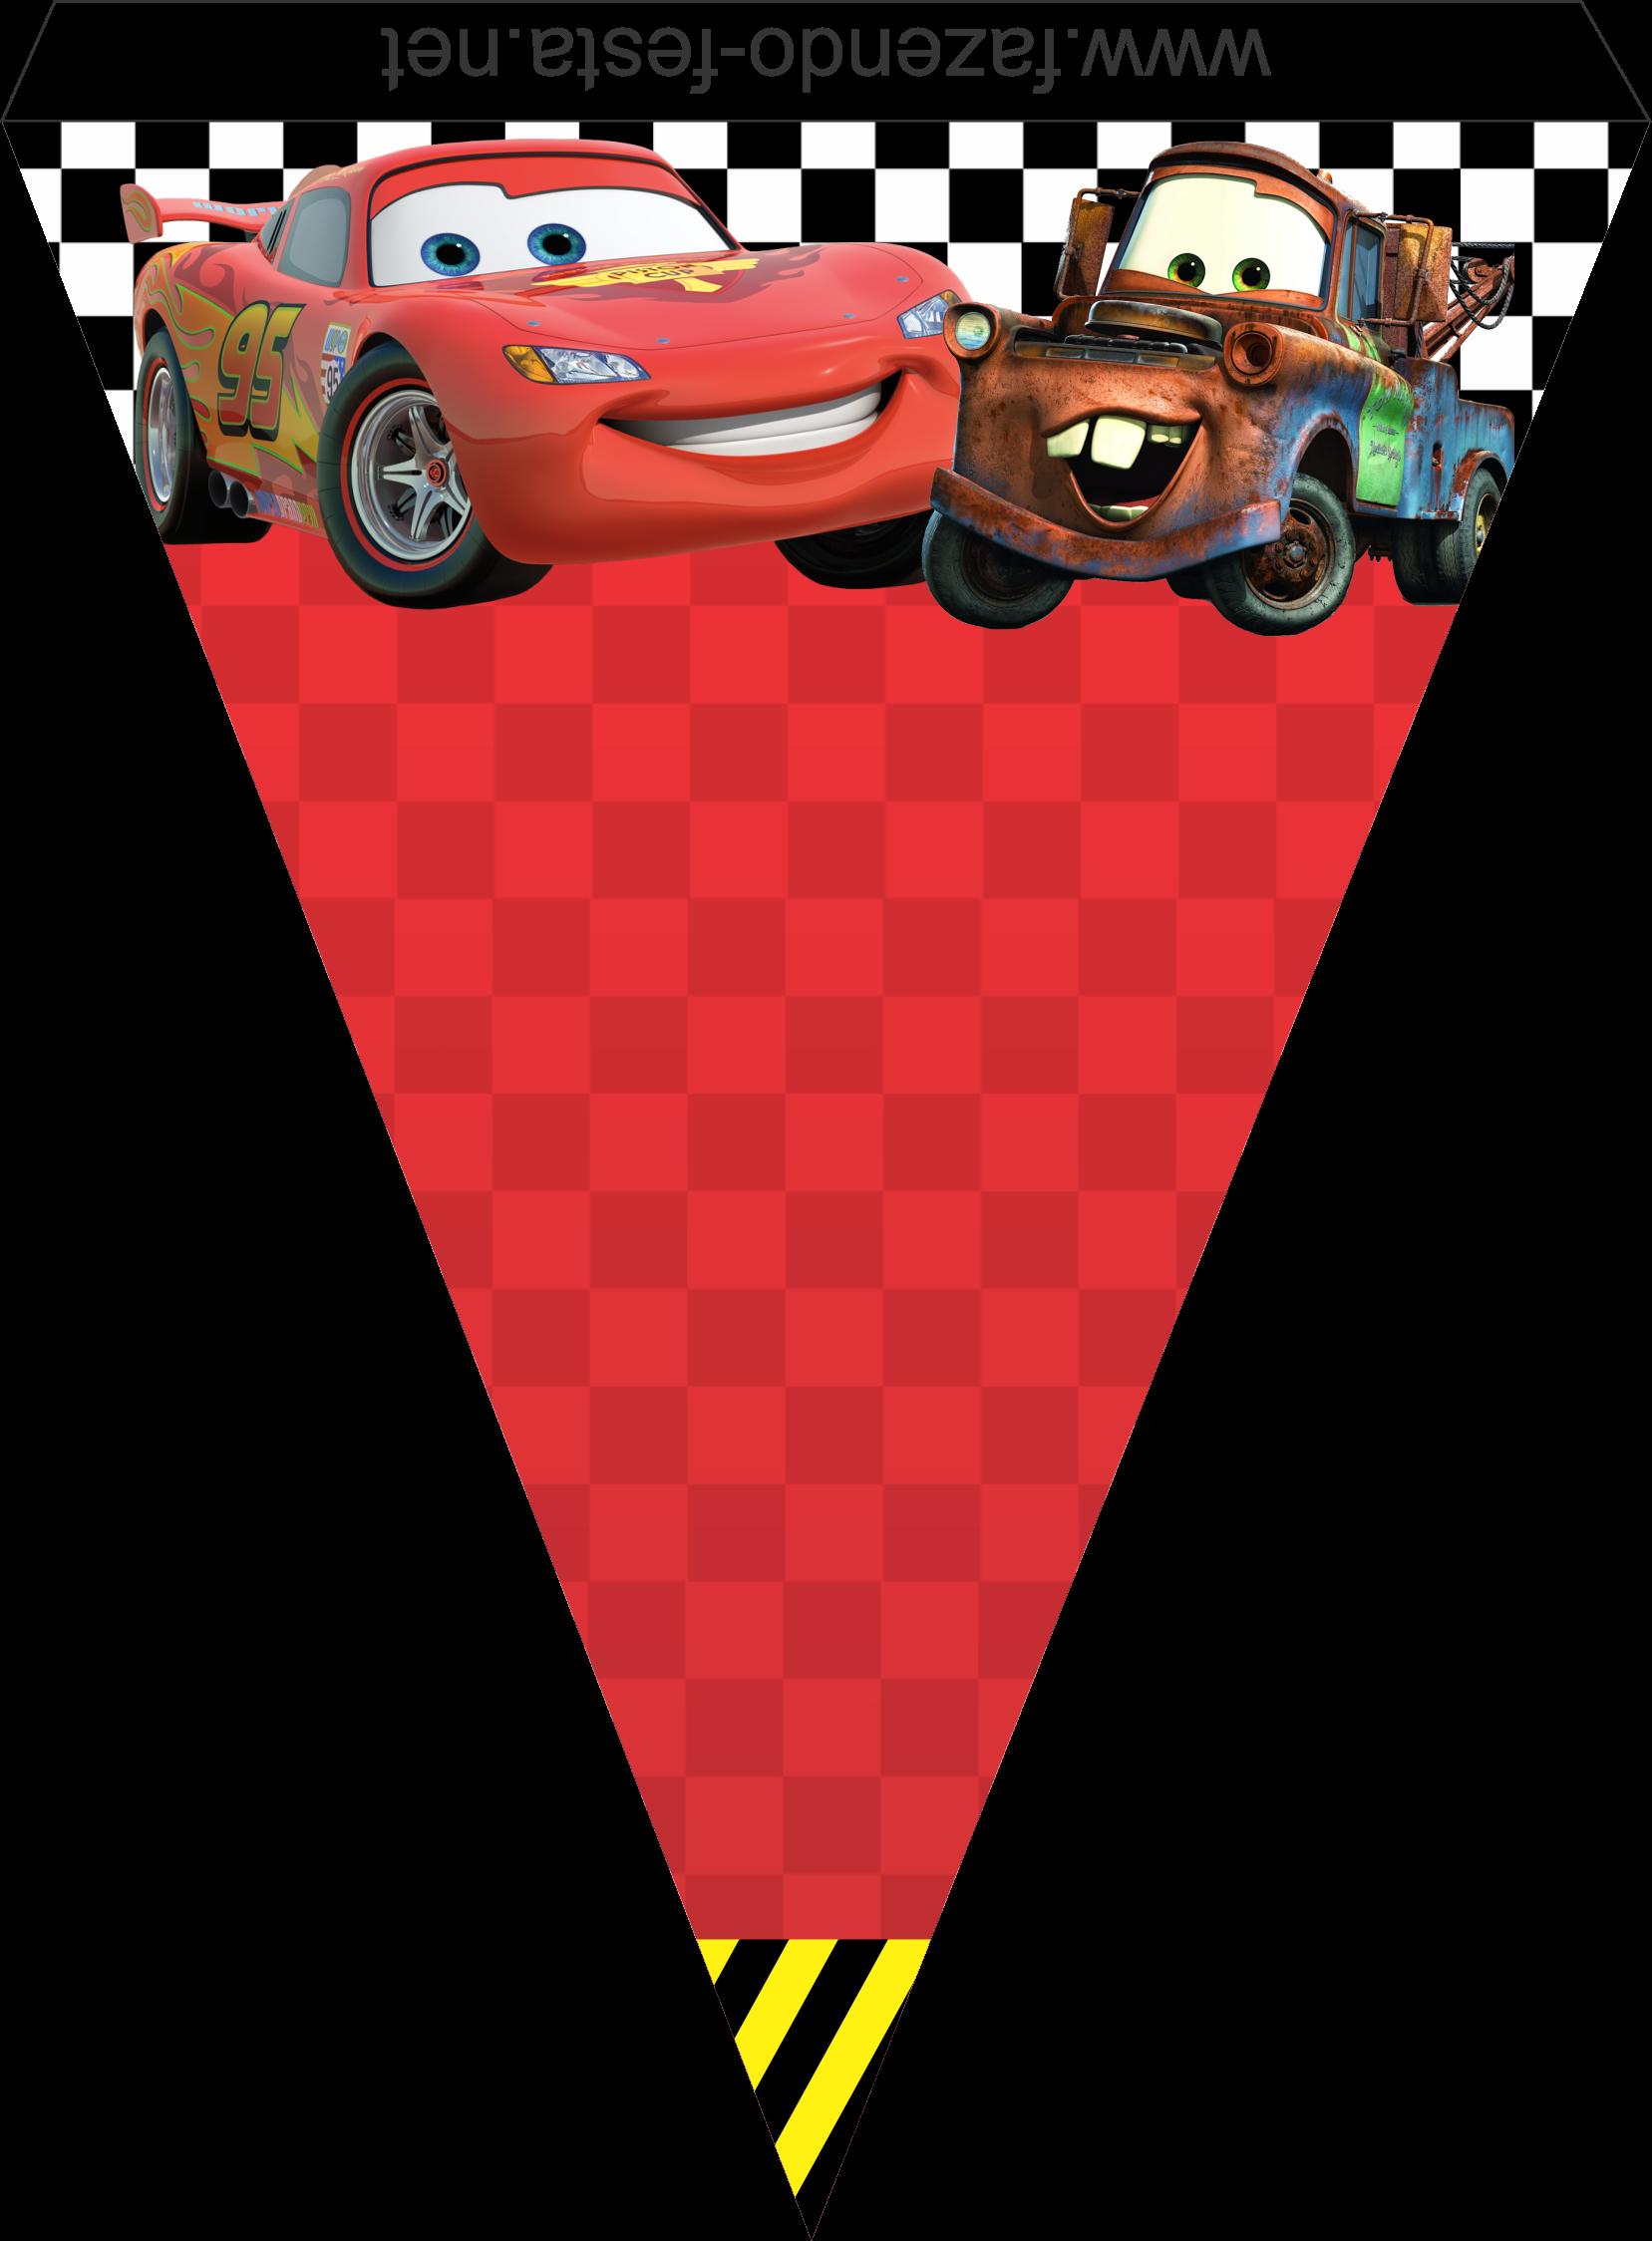 como hacer banderines de cars para imprimir - Buscar con Google | fiesta de los niños ...